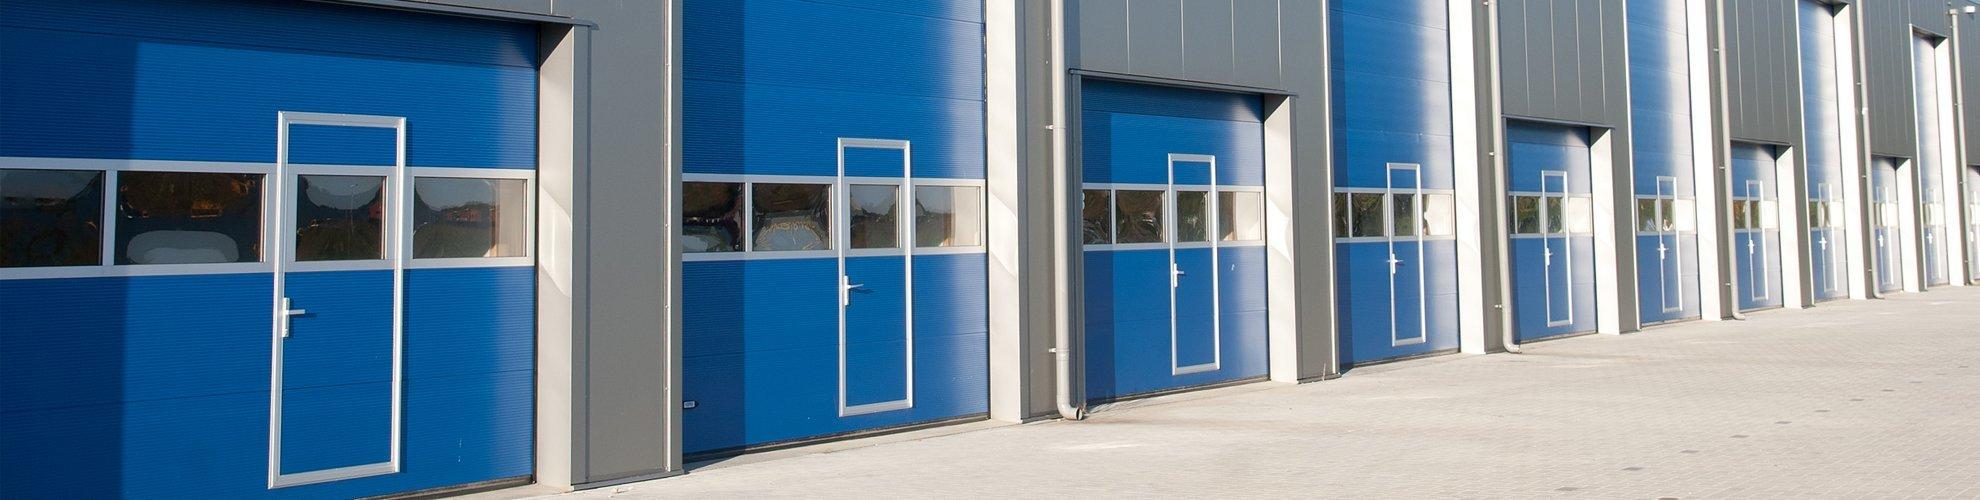 blue commercial doors